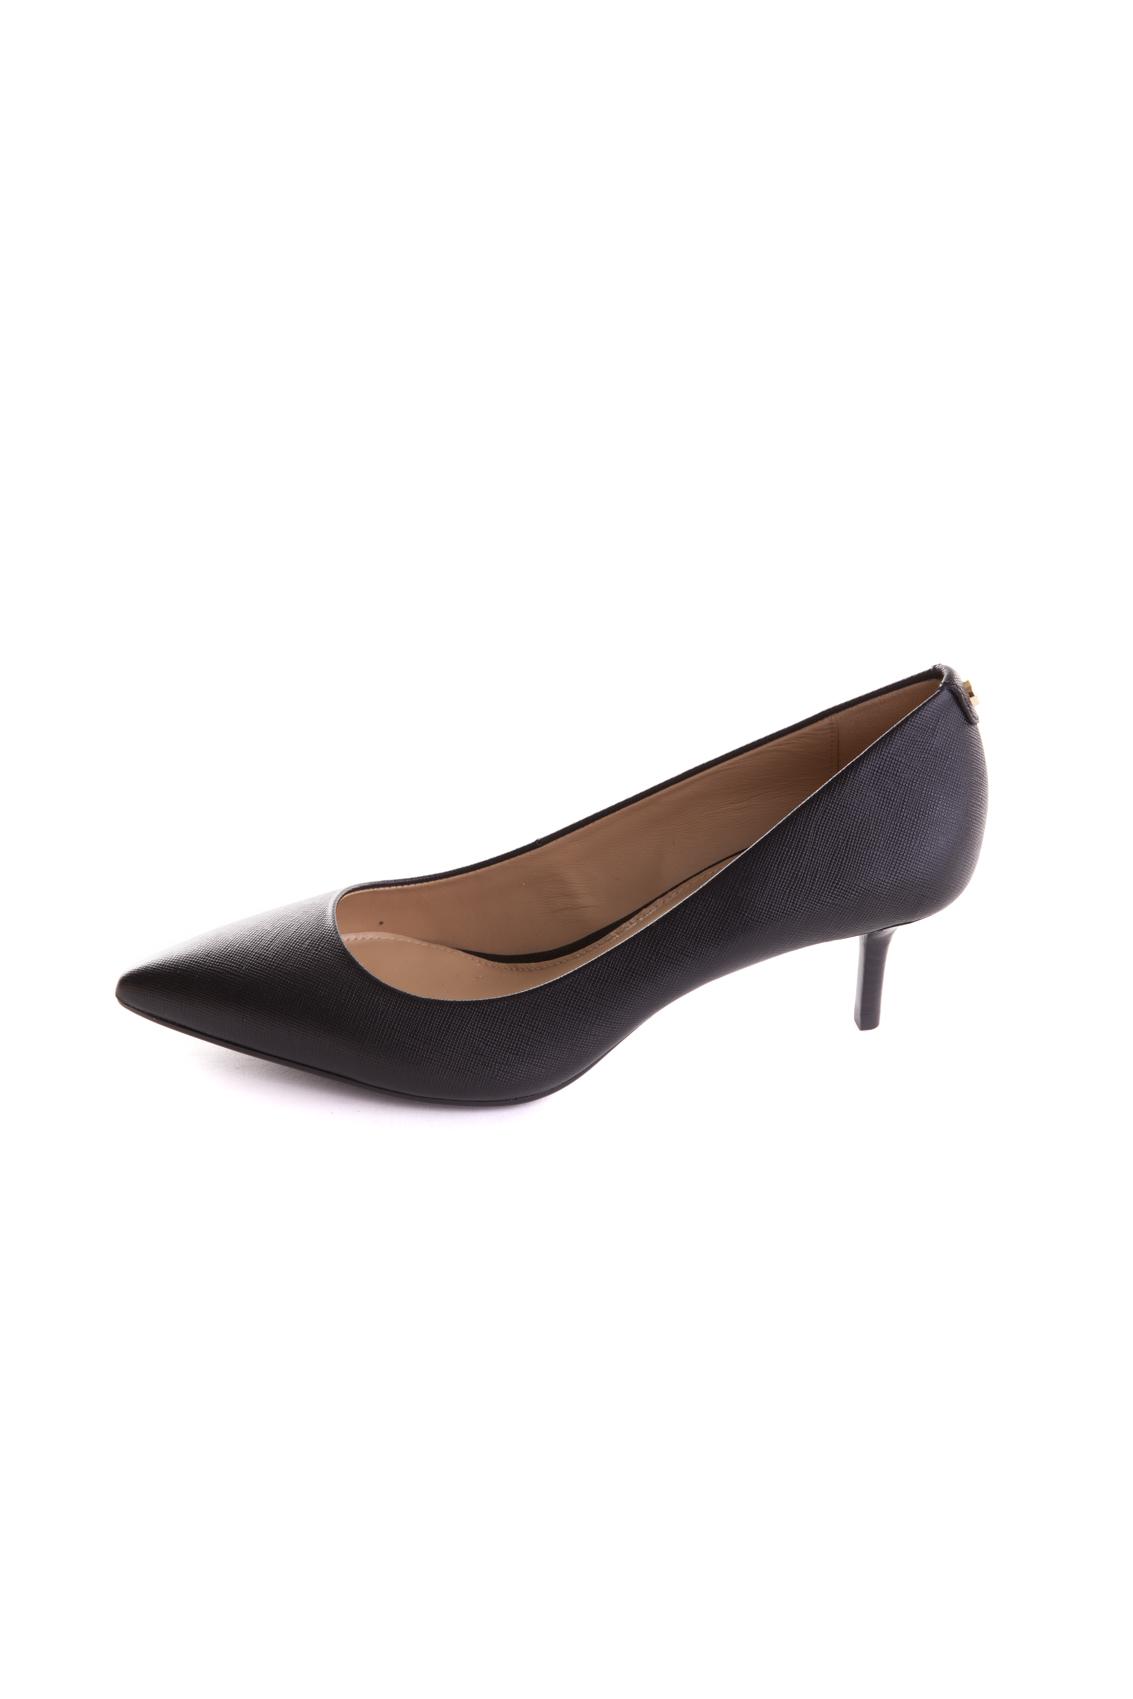 Home   Women   Sales   Shoes   De collete  73de105a3d2